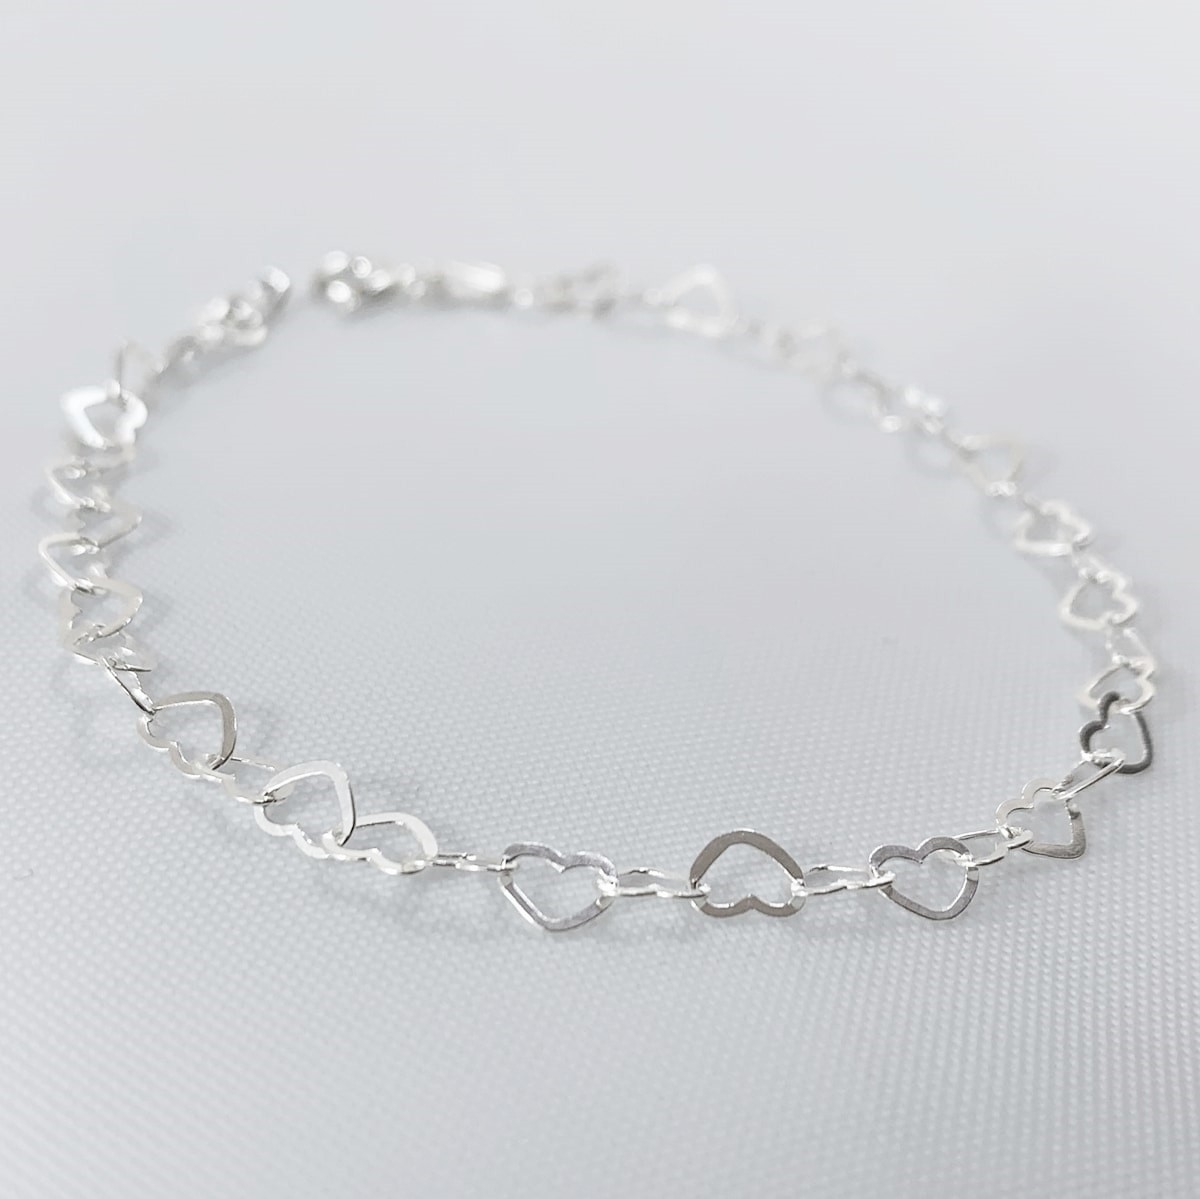 Pulseira Prata , Coração Vazado Prata 925